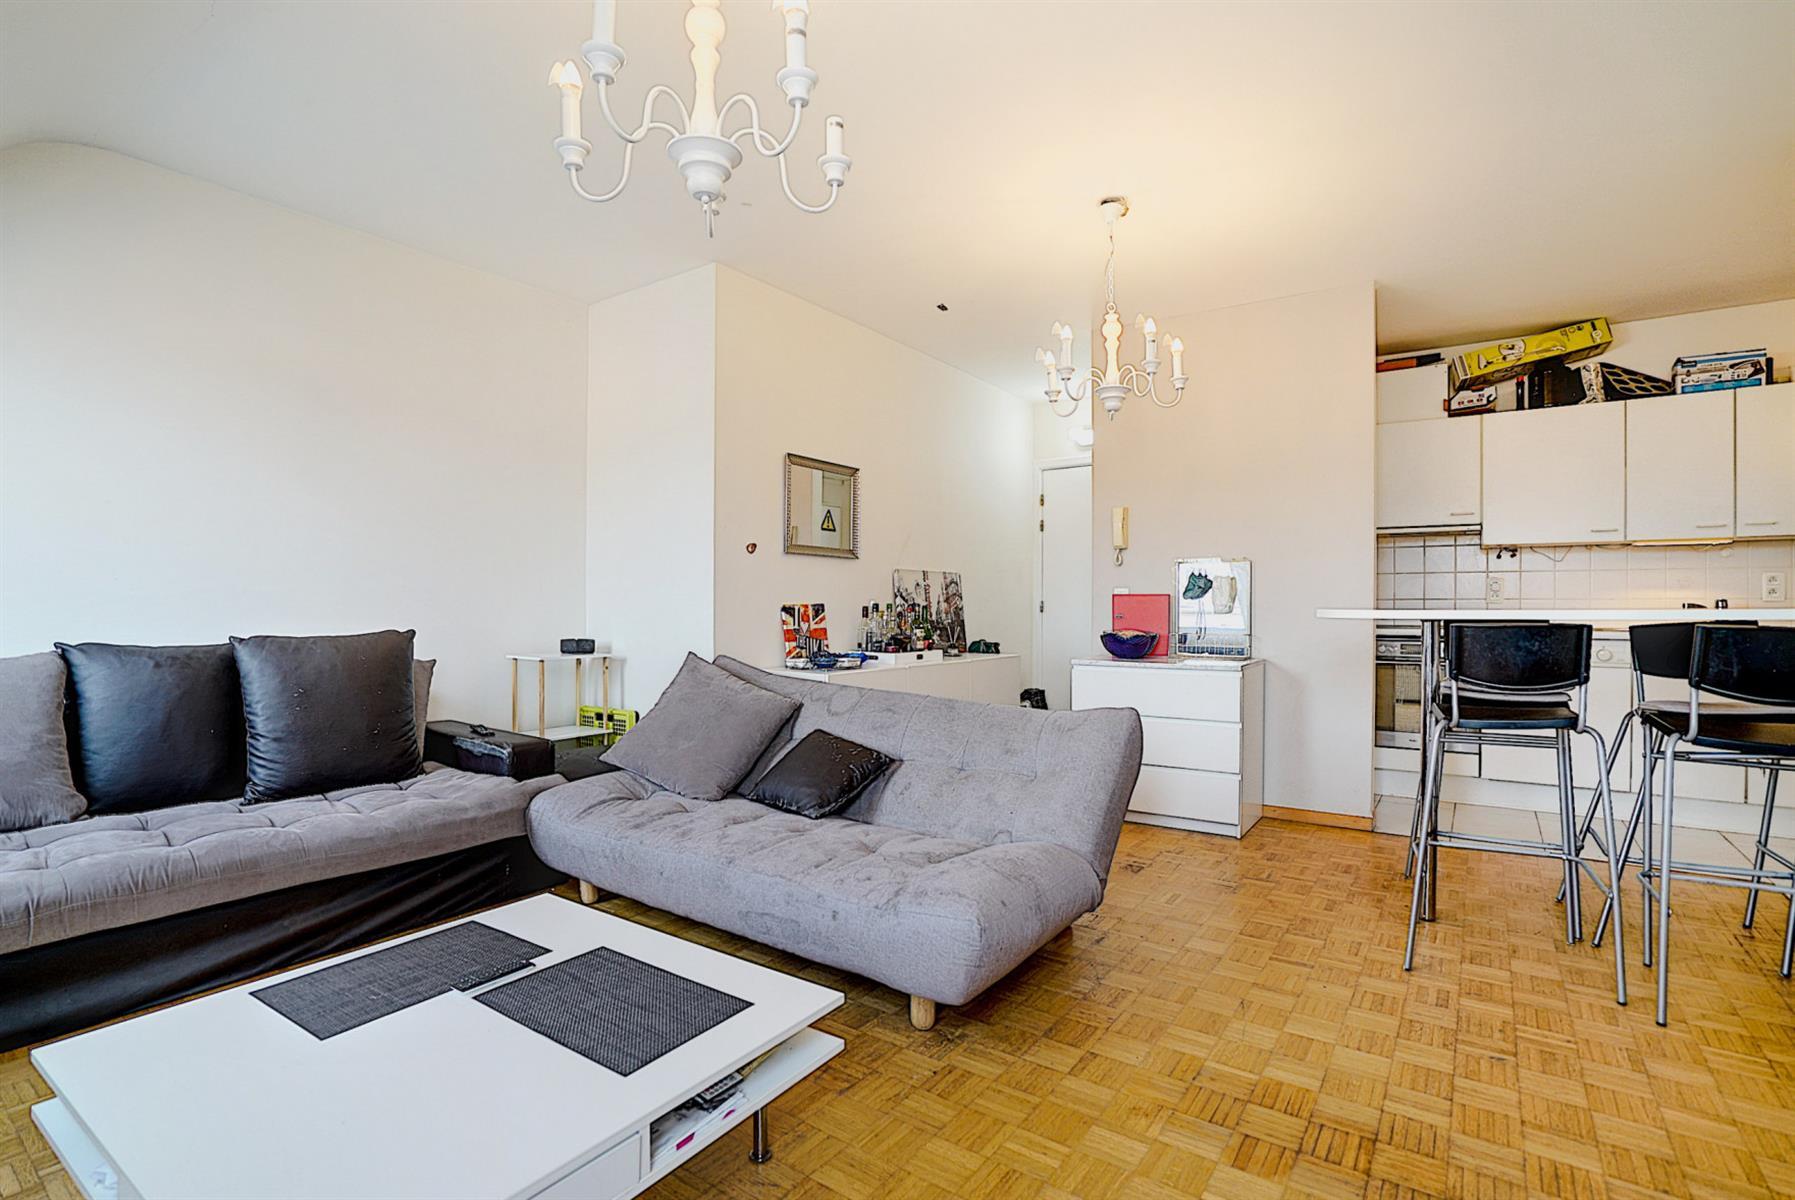 Appartement - Ottignies-louvain-la-neuve - #4342720-8